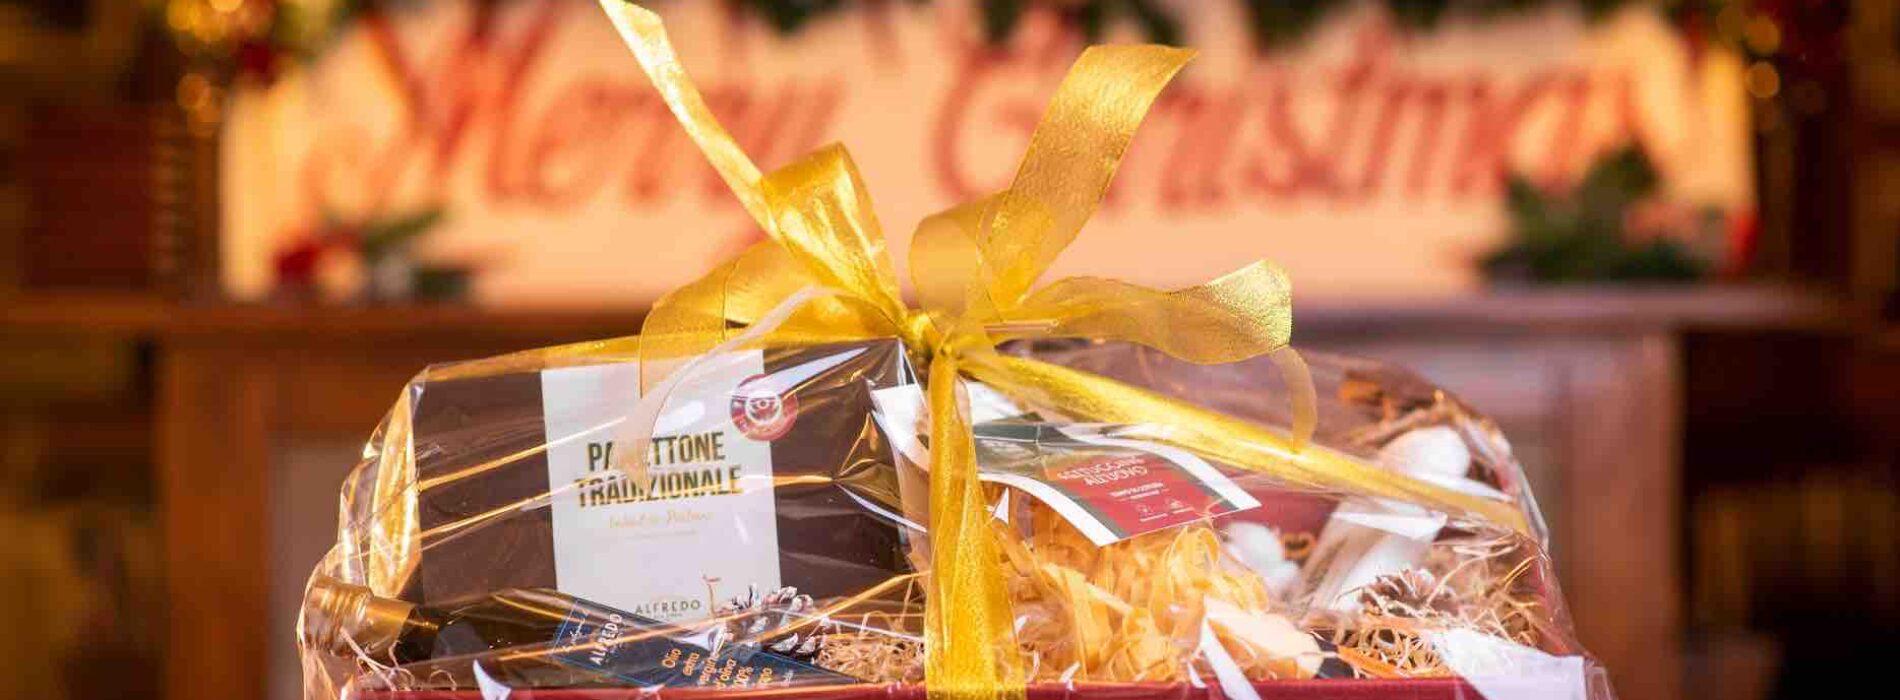 Regali di Natale gastronomici a Roma 2020, idee, cesti, gift card e buoni per cibo e vino